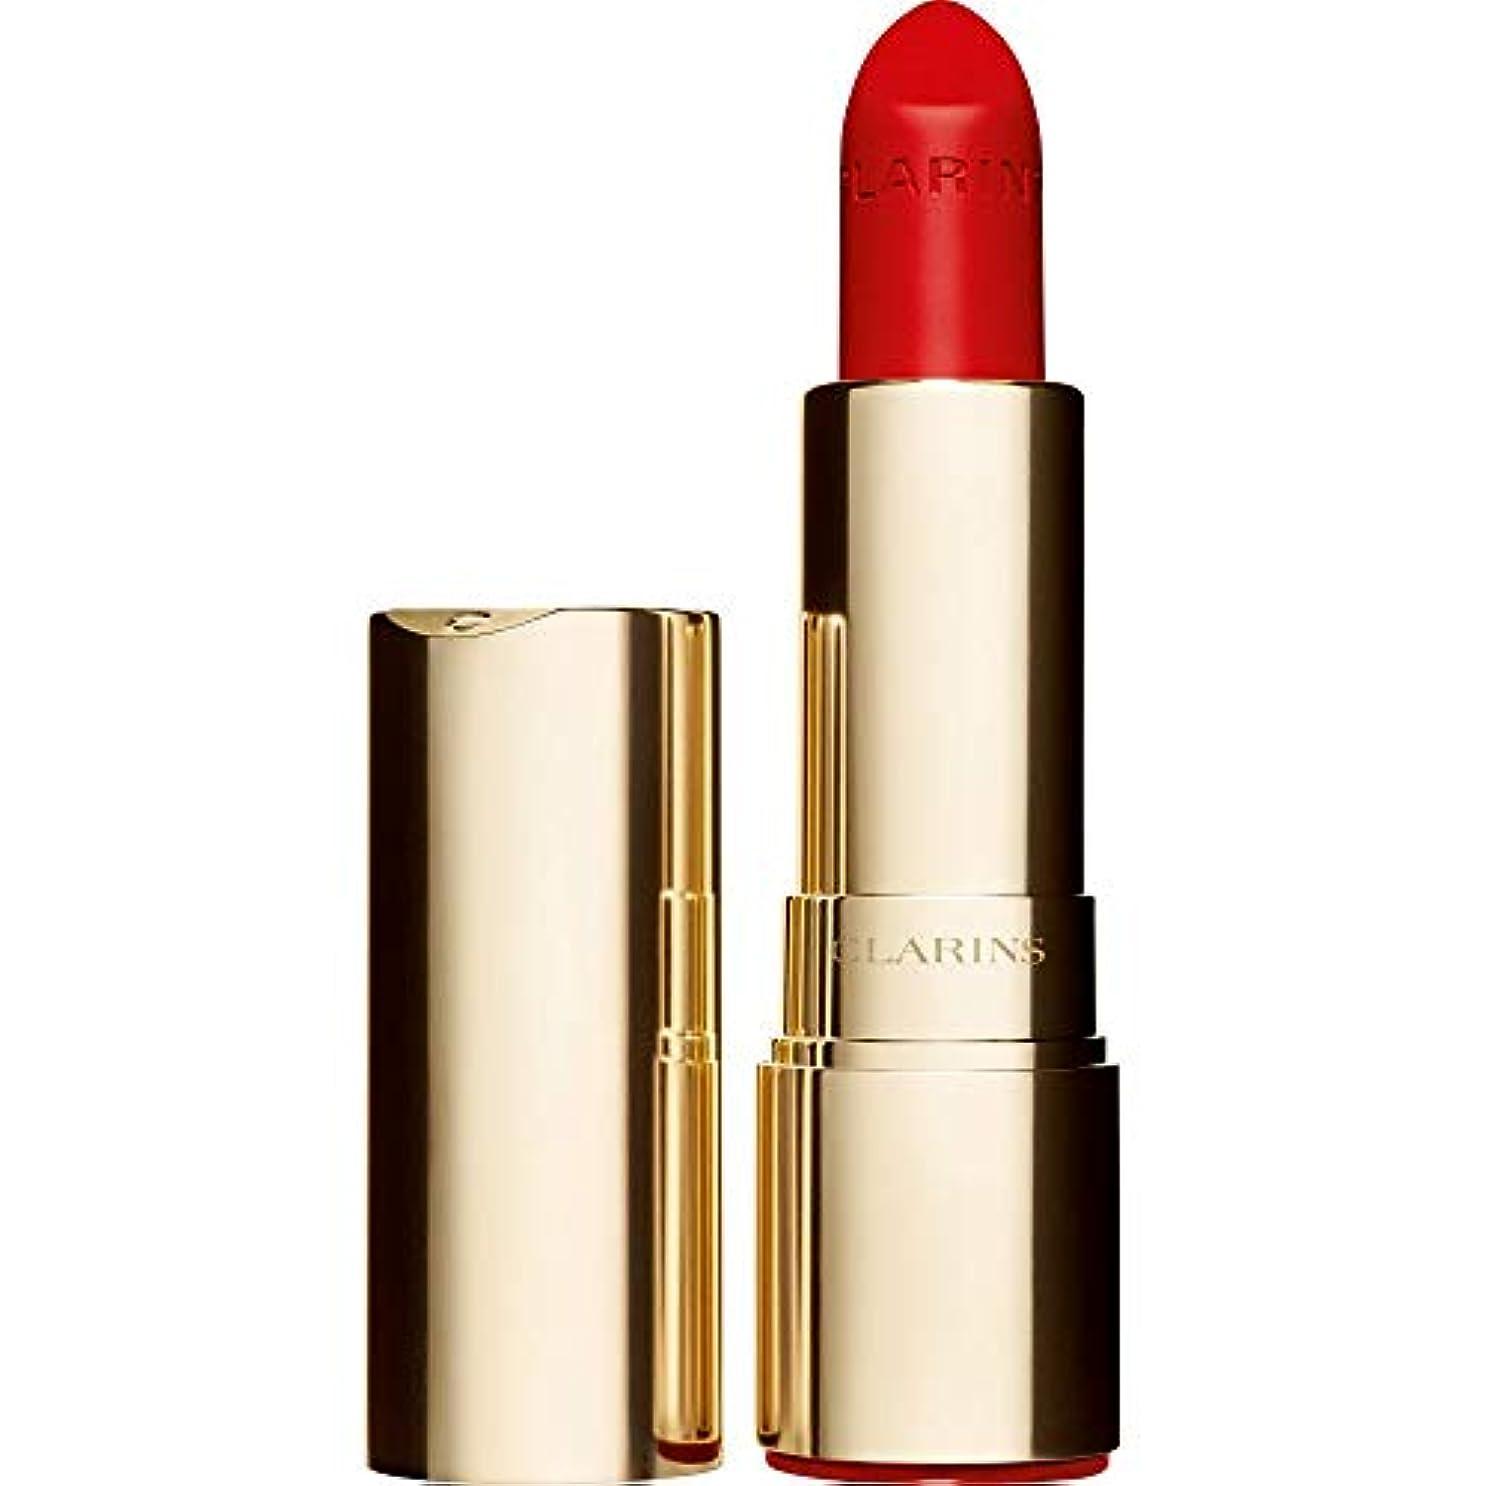 [Clarins ] クラランスジョリルージュのベルベットの口紅3.5グラムの741V - 赤、オレンジ - Clarins Joli Rouge Velvet Lipstick 3.5g 741V - Red Orange...